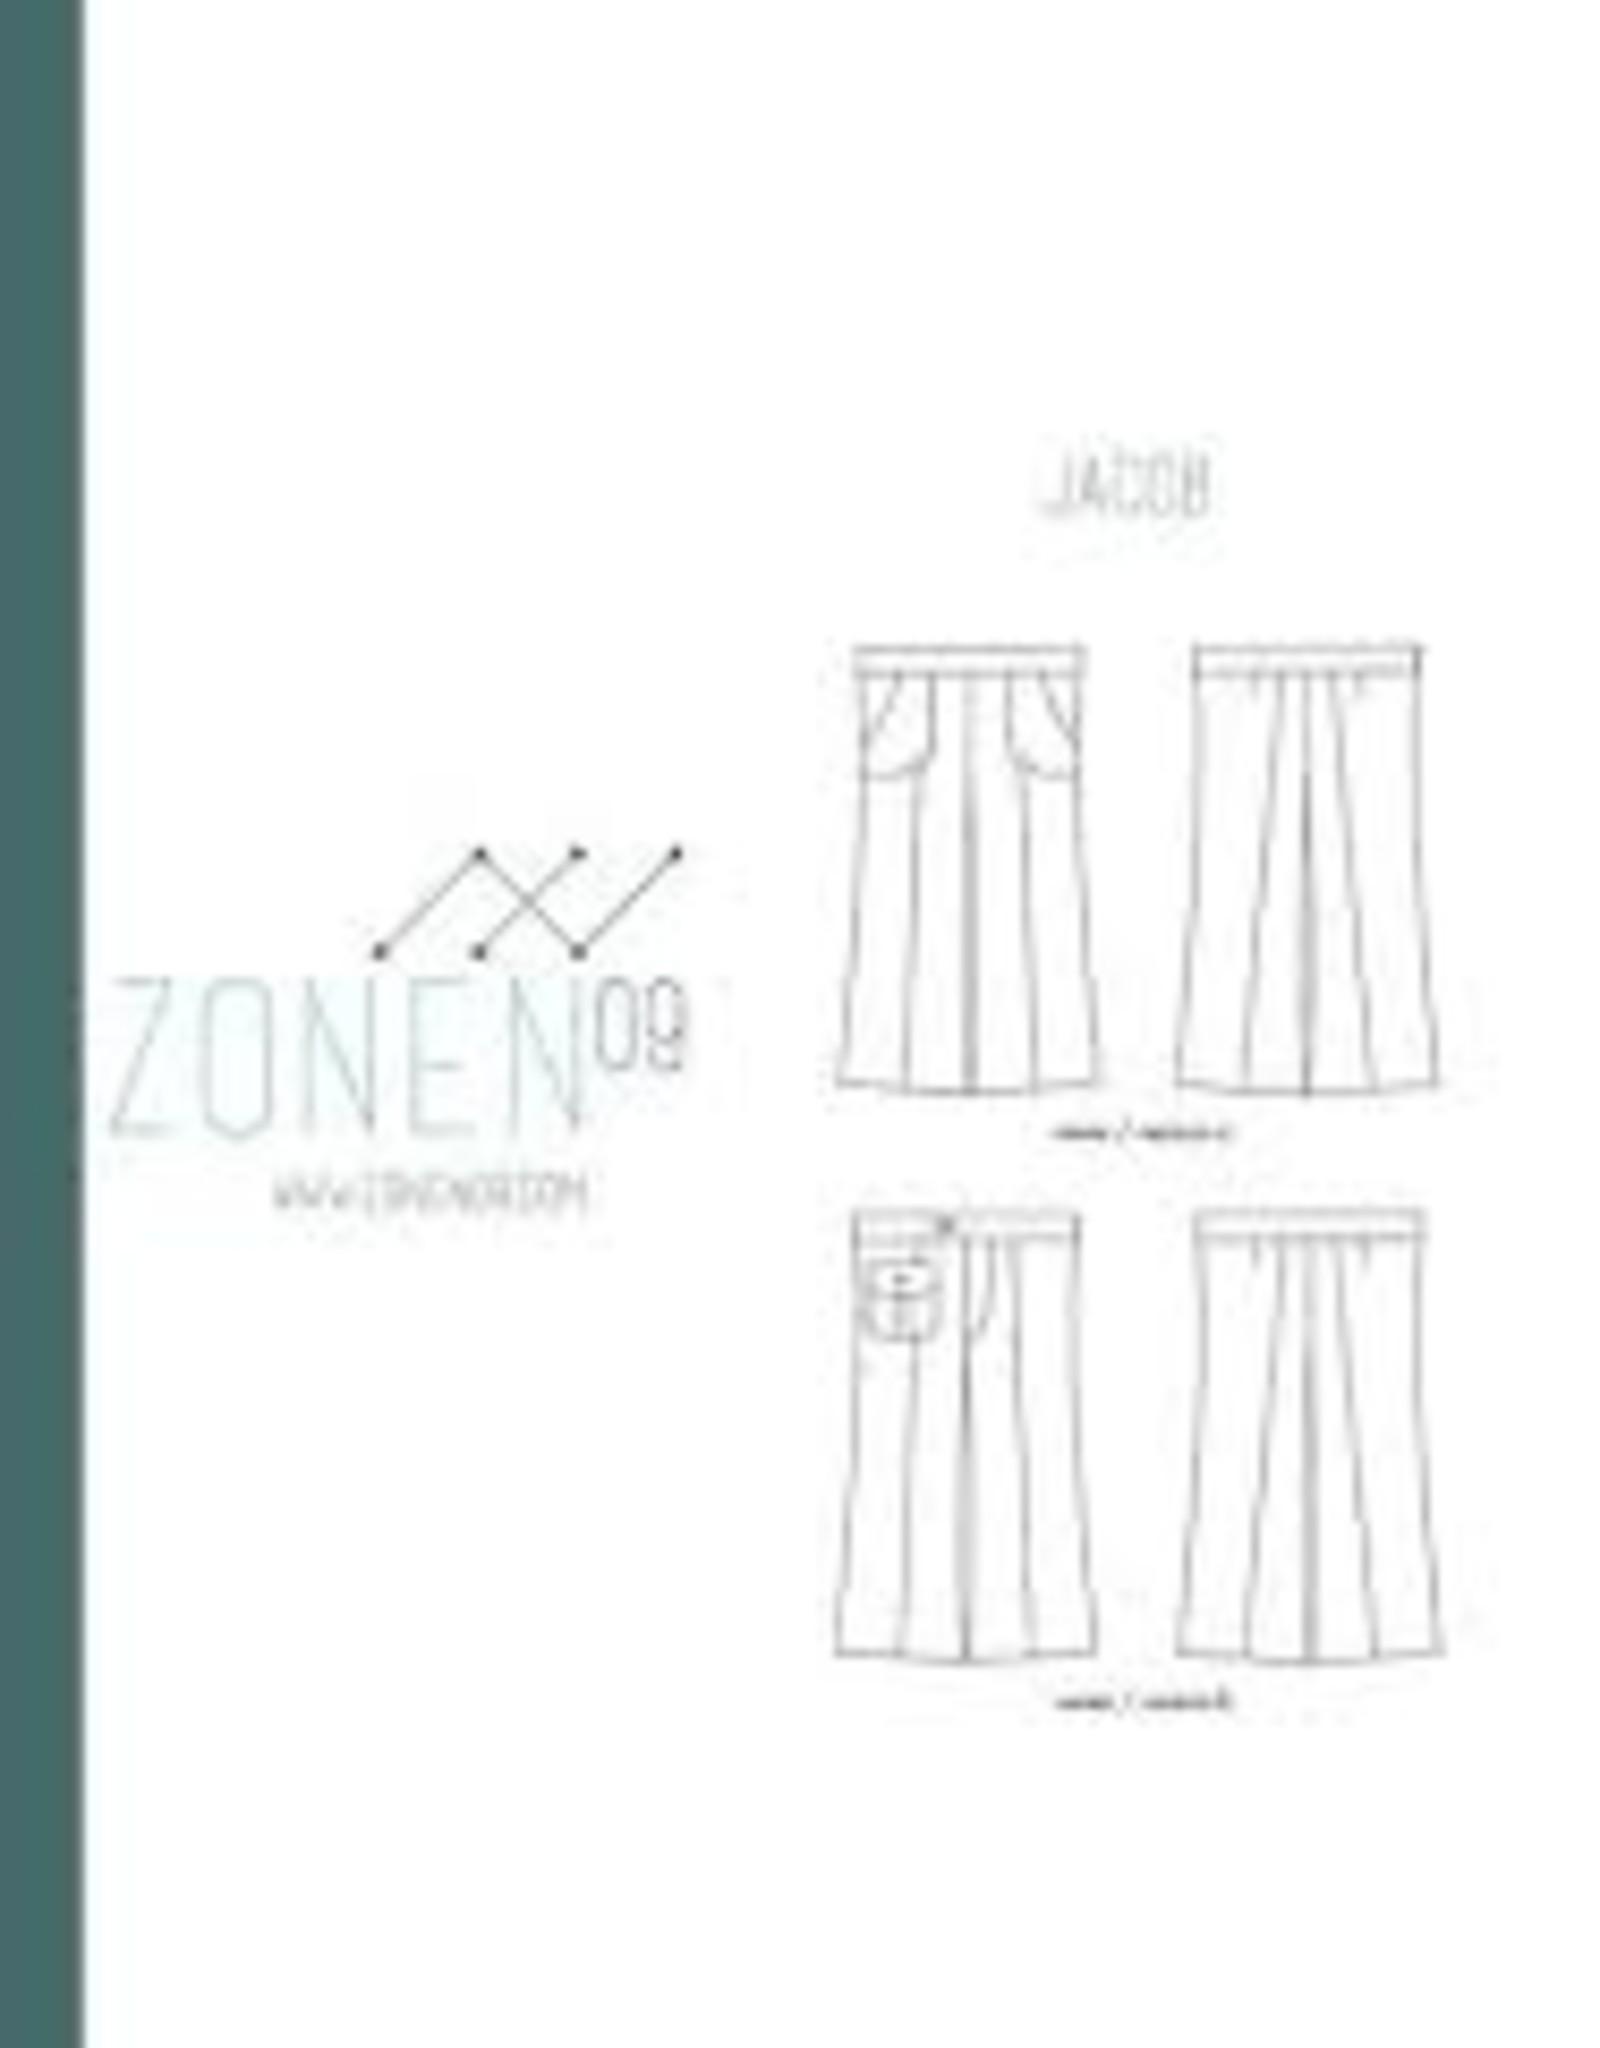 Zonen09 Jacob broek - Zonen09